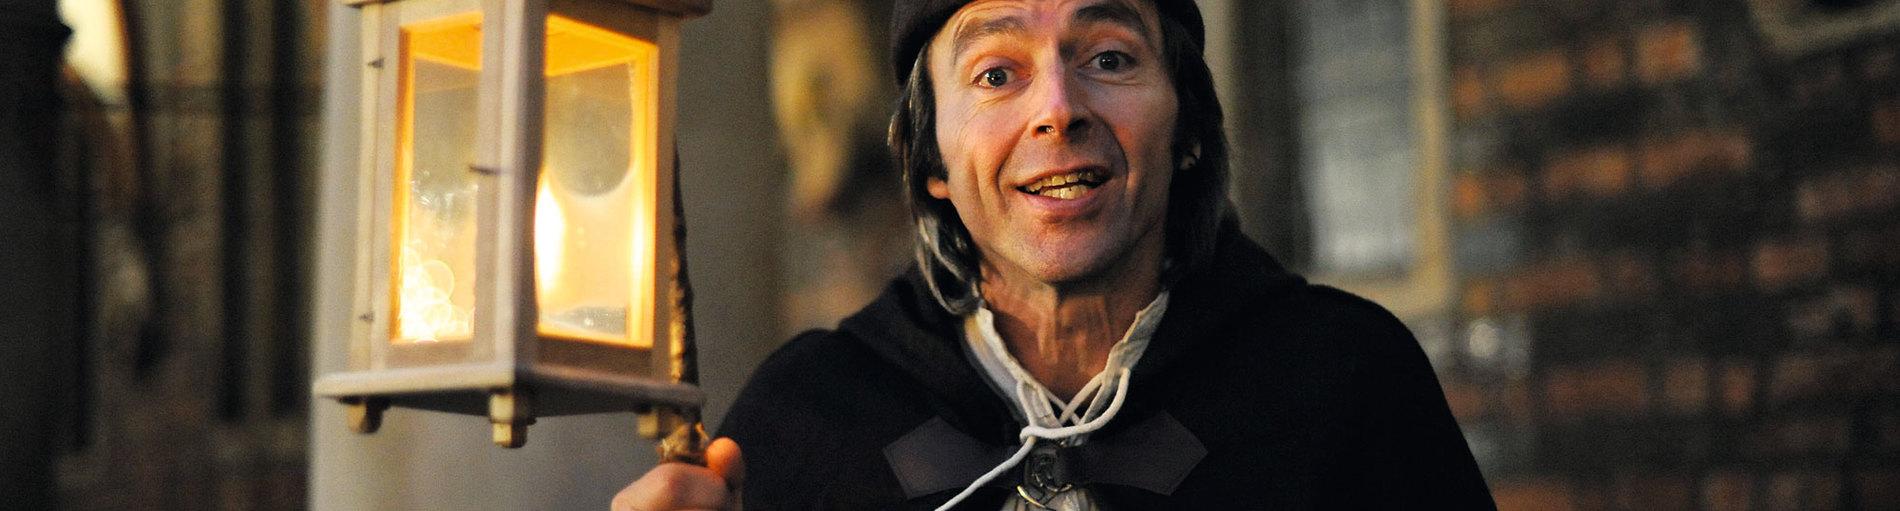 Ein als Nachtwächter verkleideter Schauspieler.